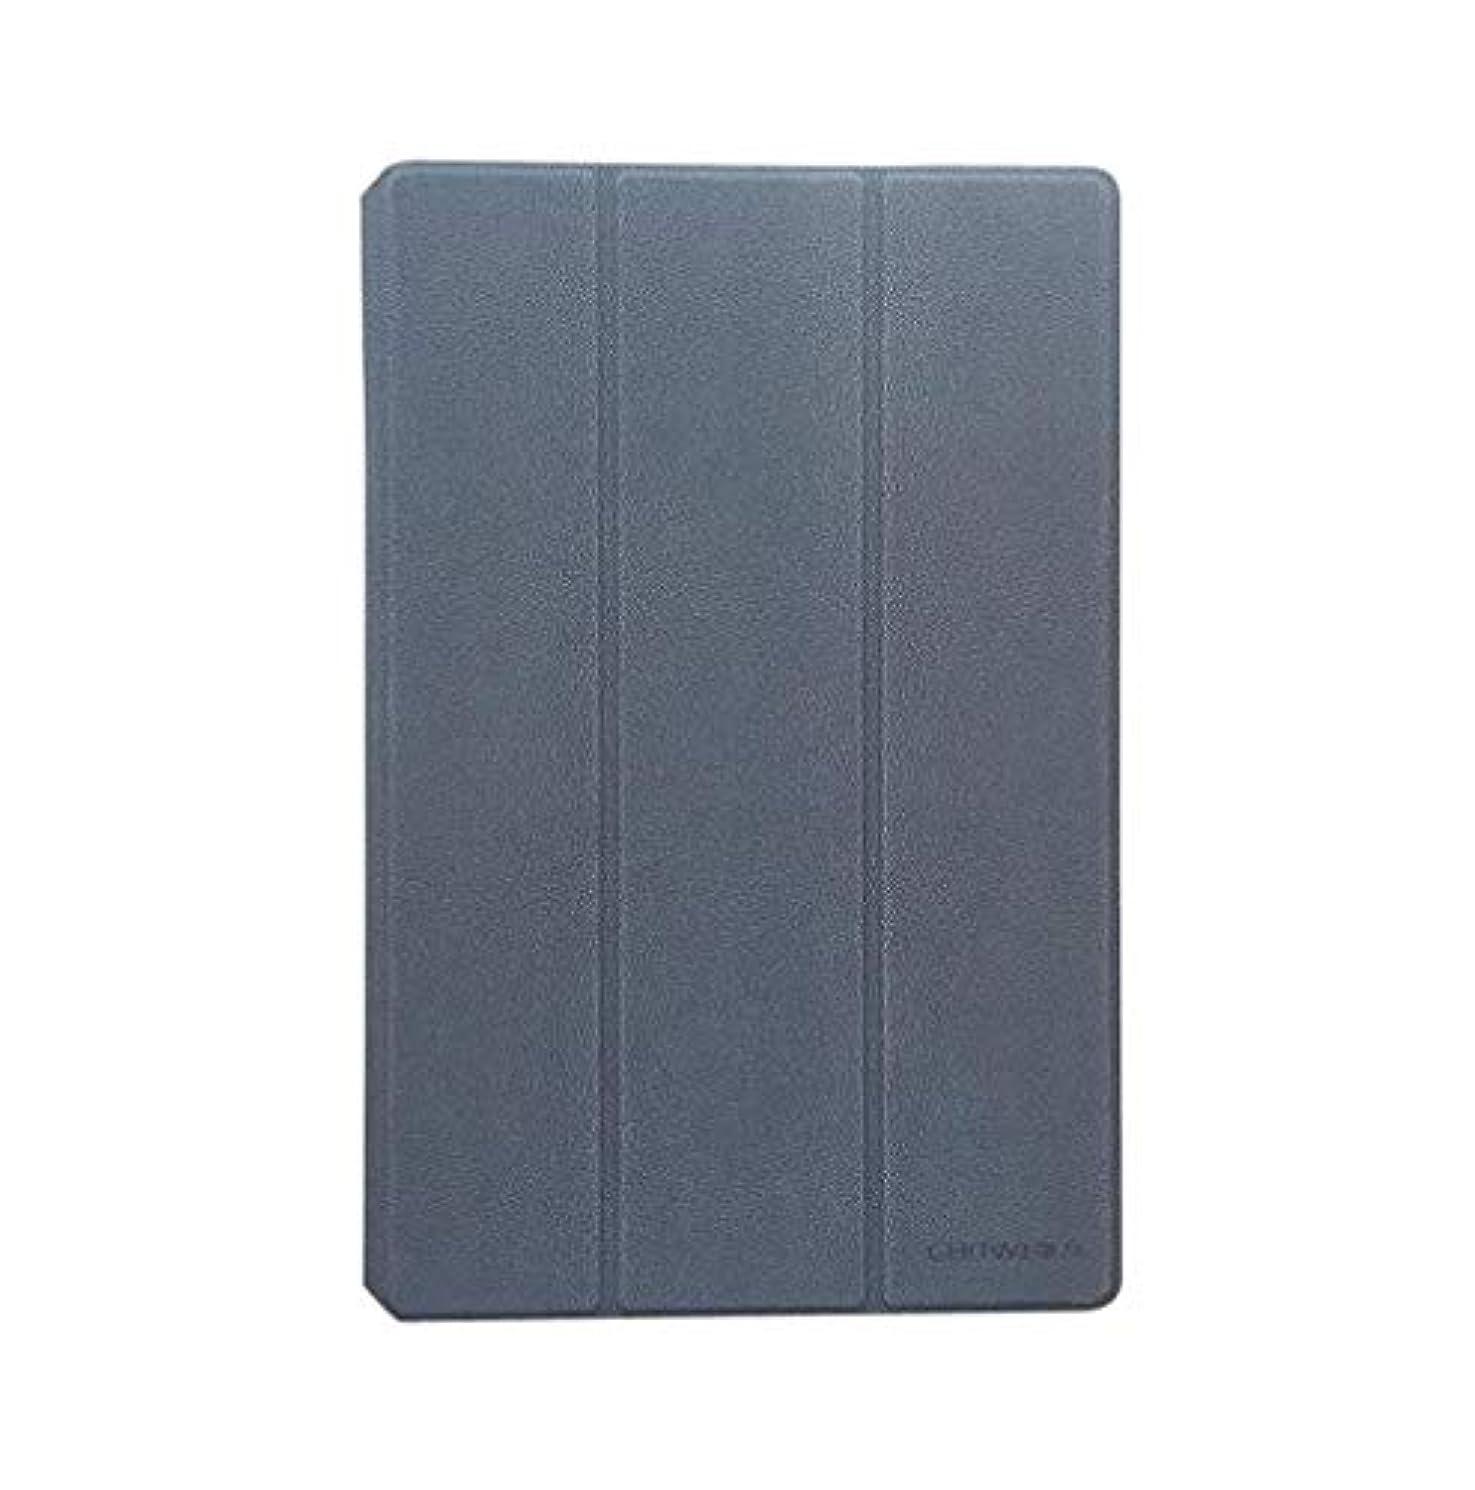 粘土おじさんラッドヤードキップリングMaxku CHUWI Hi10 air ケース高級PUレザーケース カバー 手帳型 軽量 全面保護型 スタンド機能付き スマートカバー (グレー)